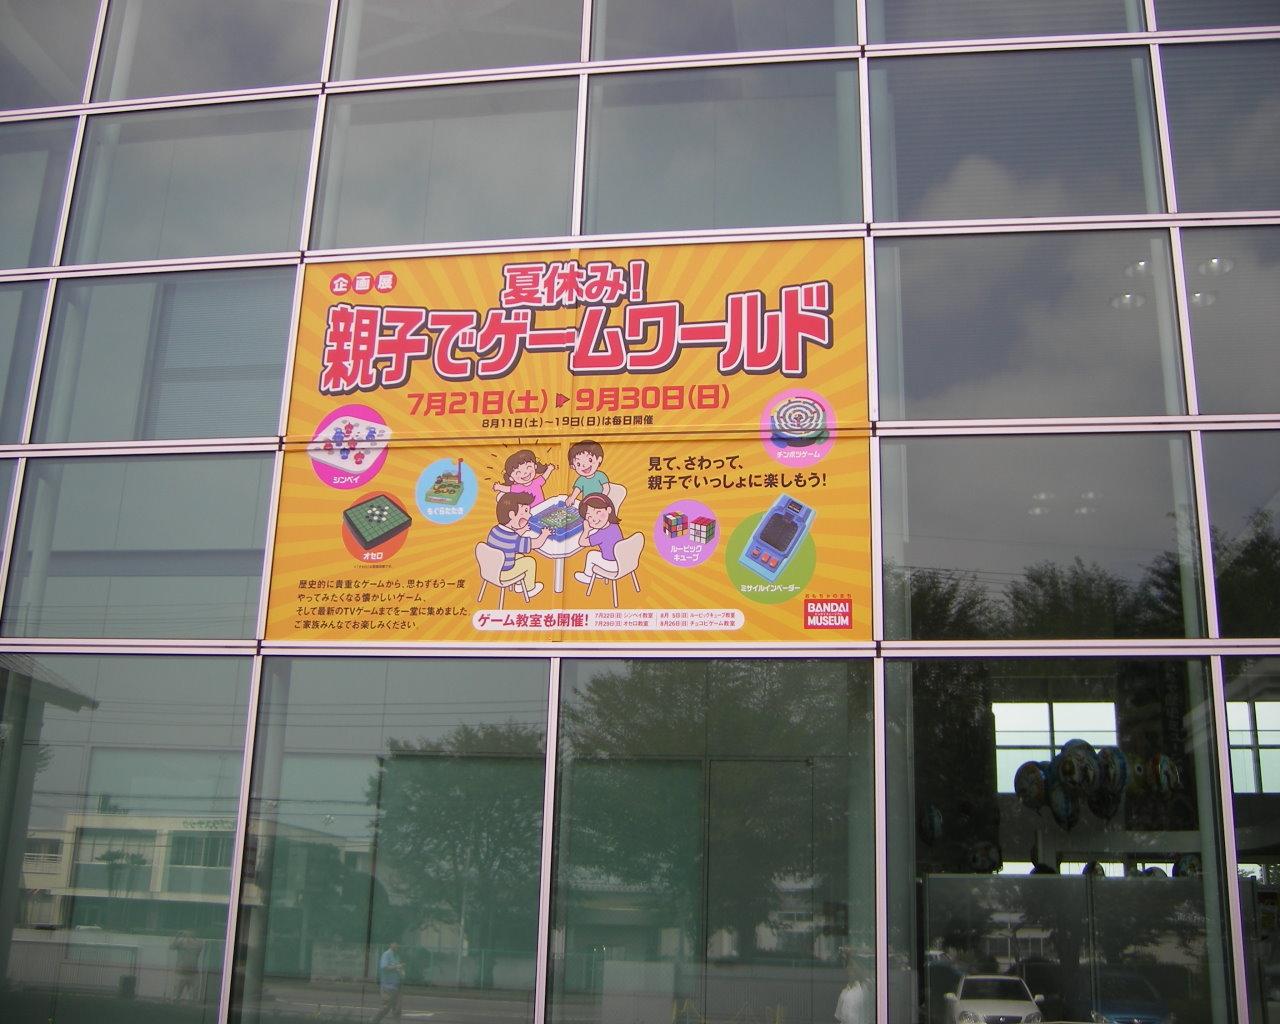 企画展示のポスター